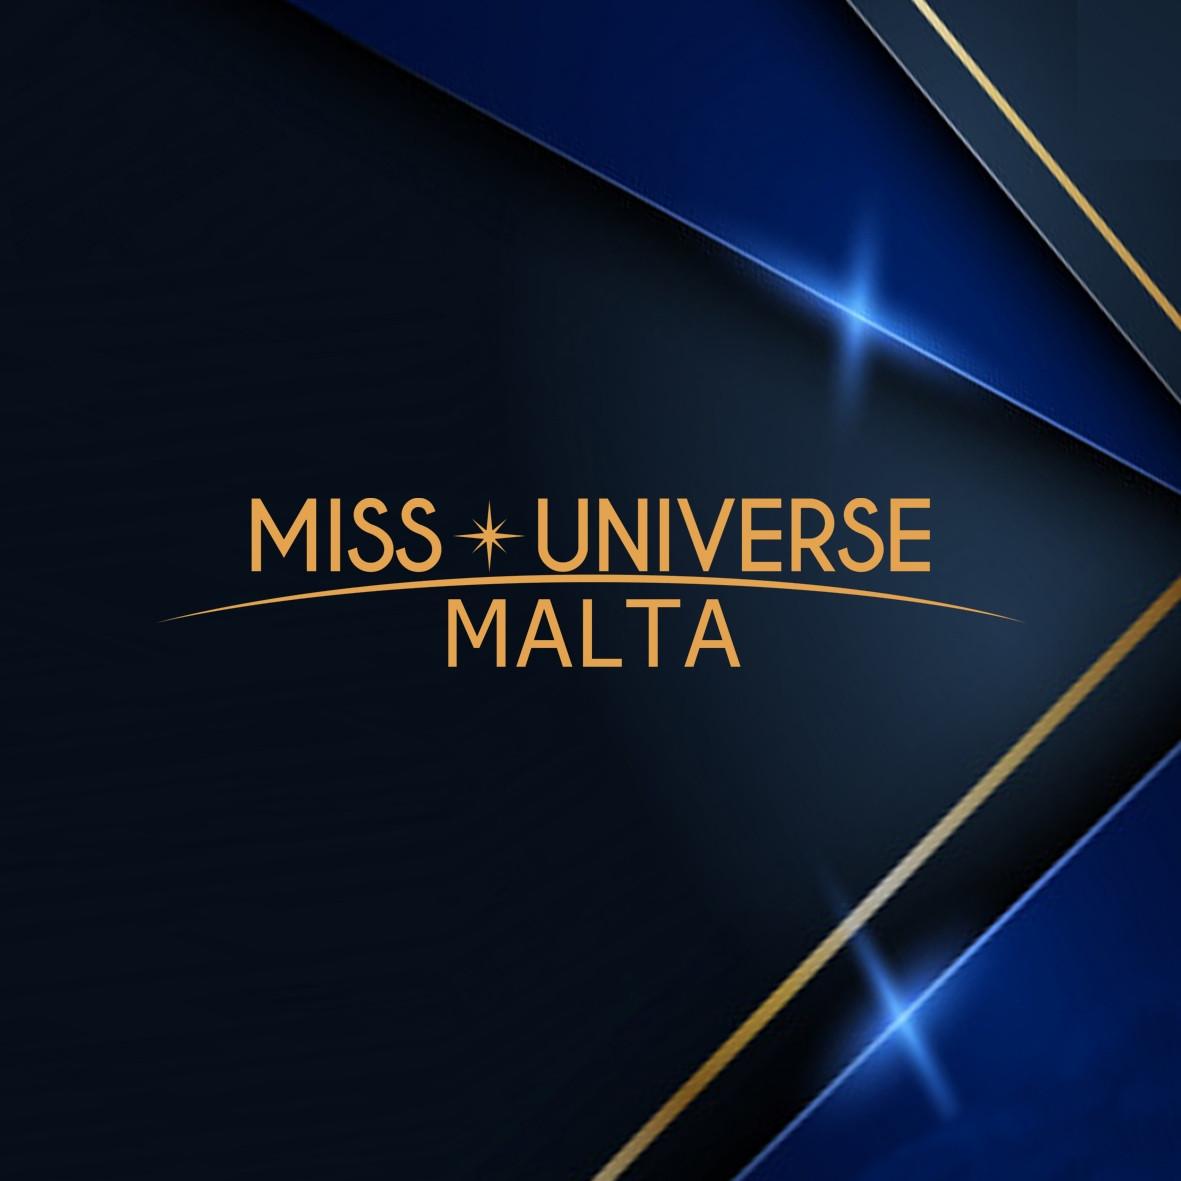 candidatas a miss universe malta 2021. final: 17 sep. - Página 2 RkDLJV